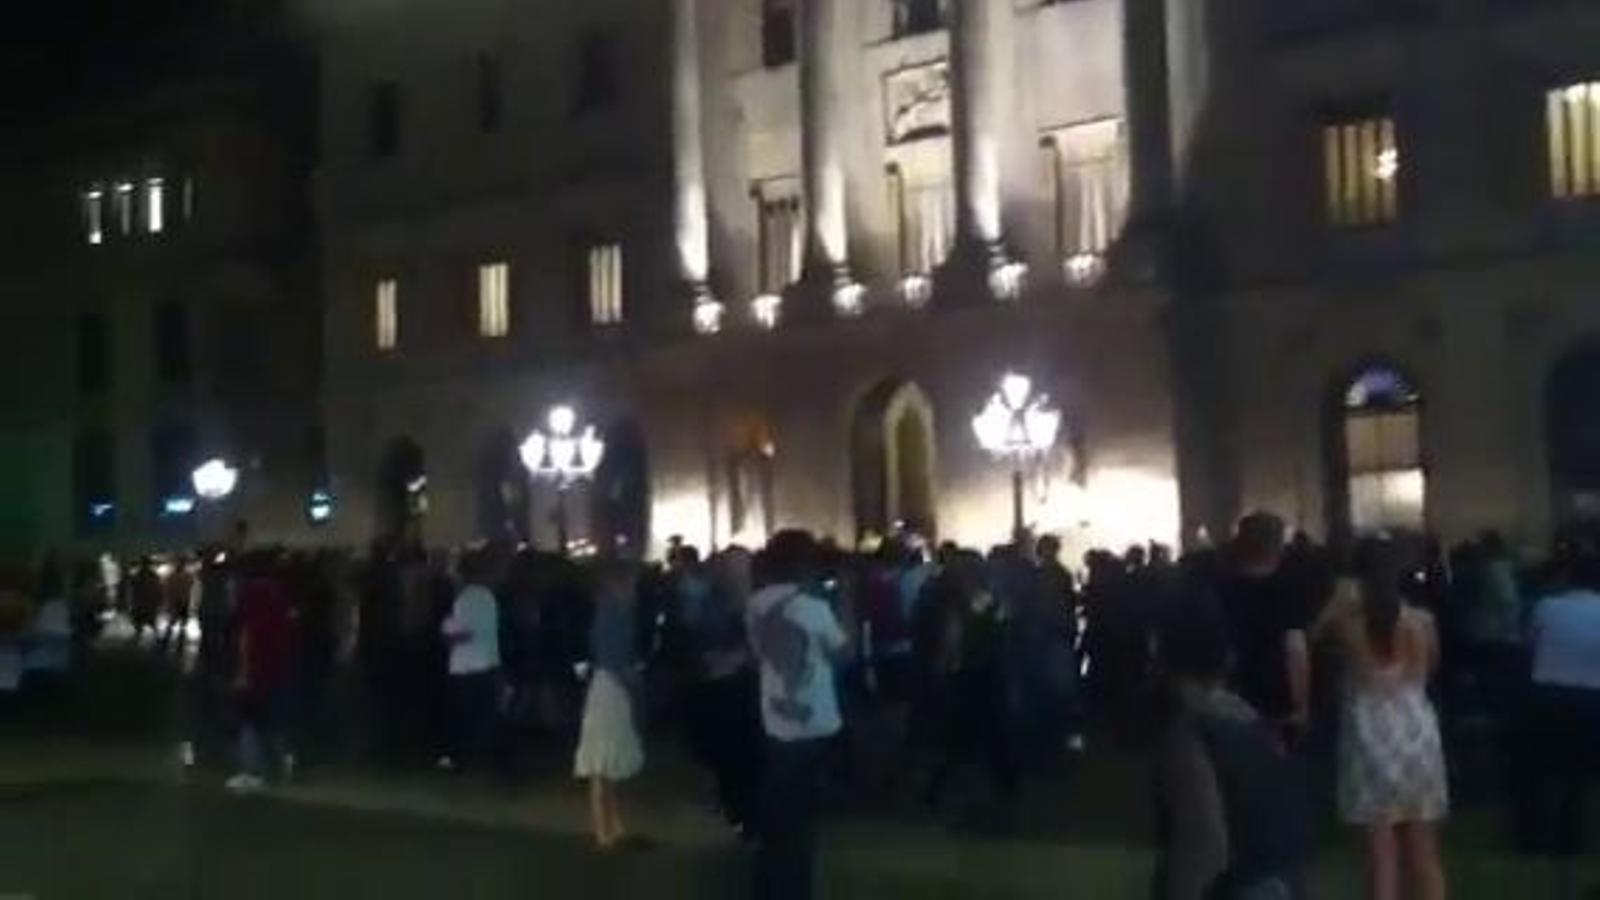 Els 'indignats' es concentren davant de la Generalitat contra les detencions pels fets del Parlament